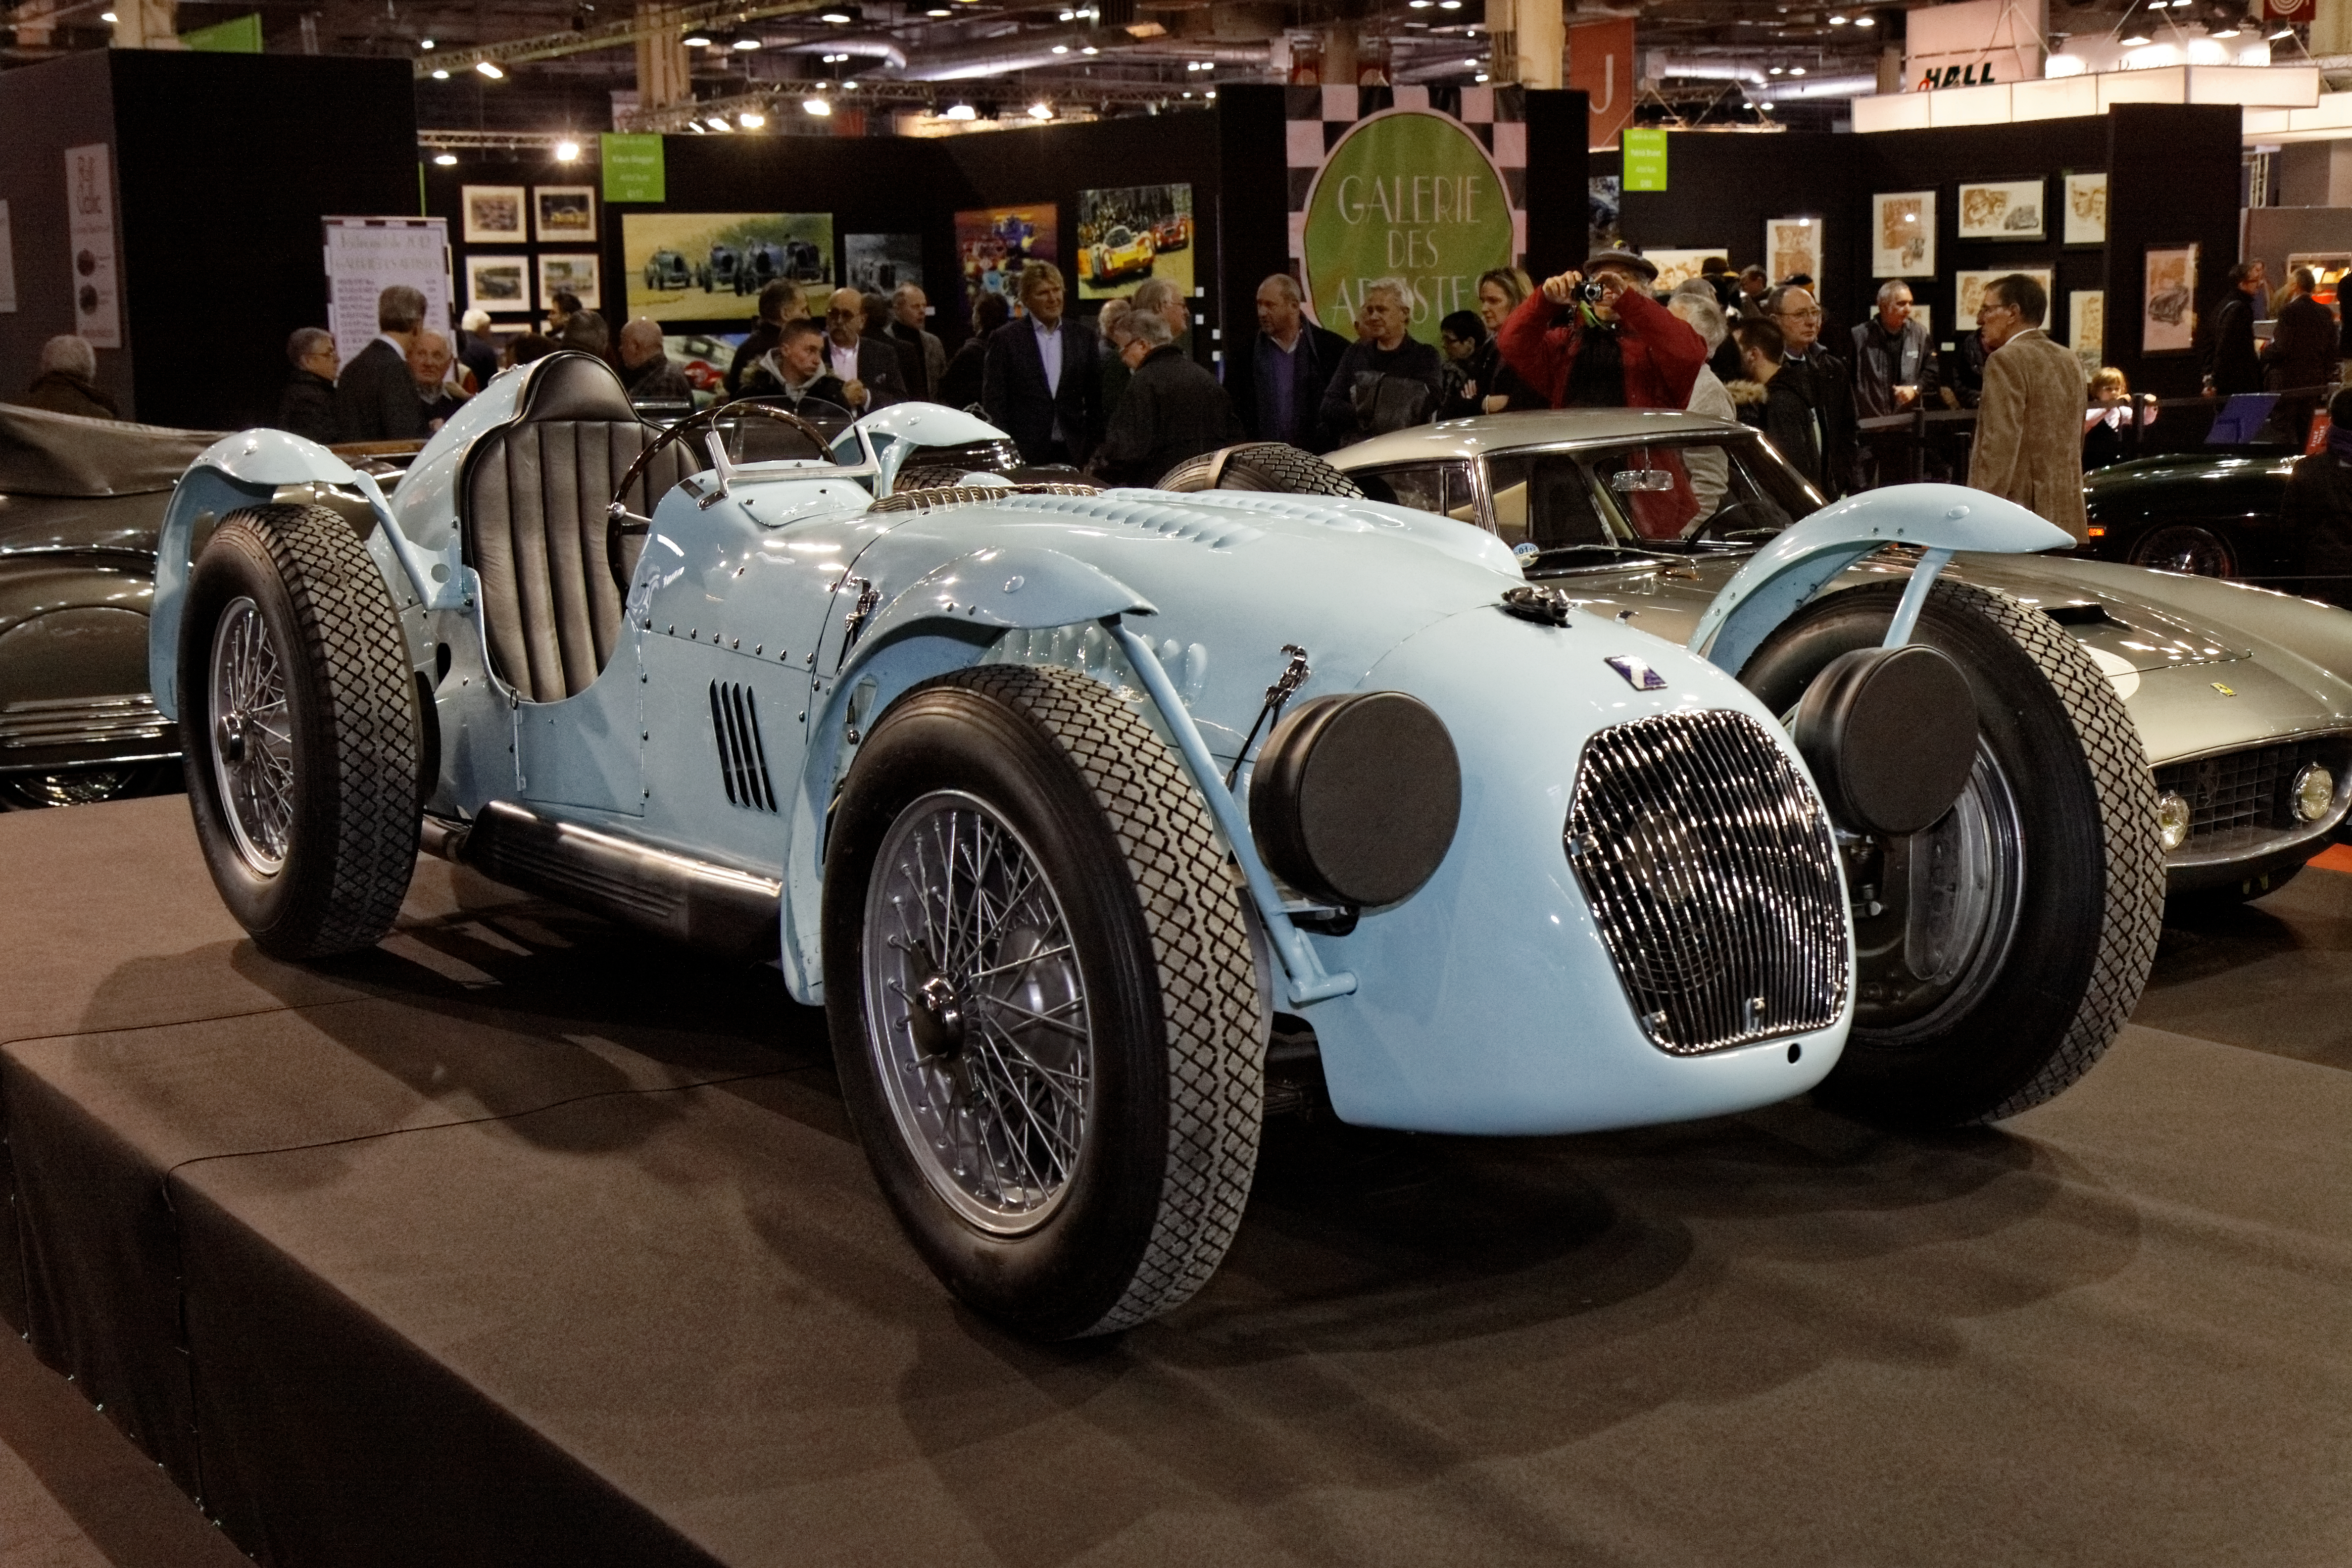 Paris_-_Retromobile_2012_-_Talbot_Lago_Monoplace_d%C3%A9cal%C3%A9e_-_1939_-_009.jpg